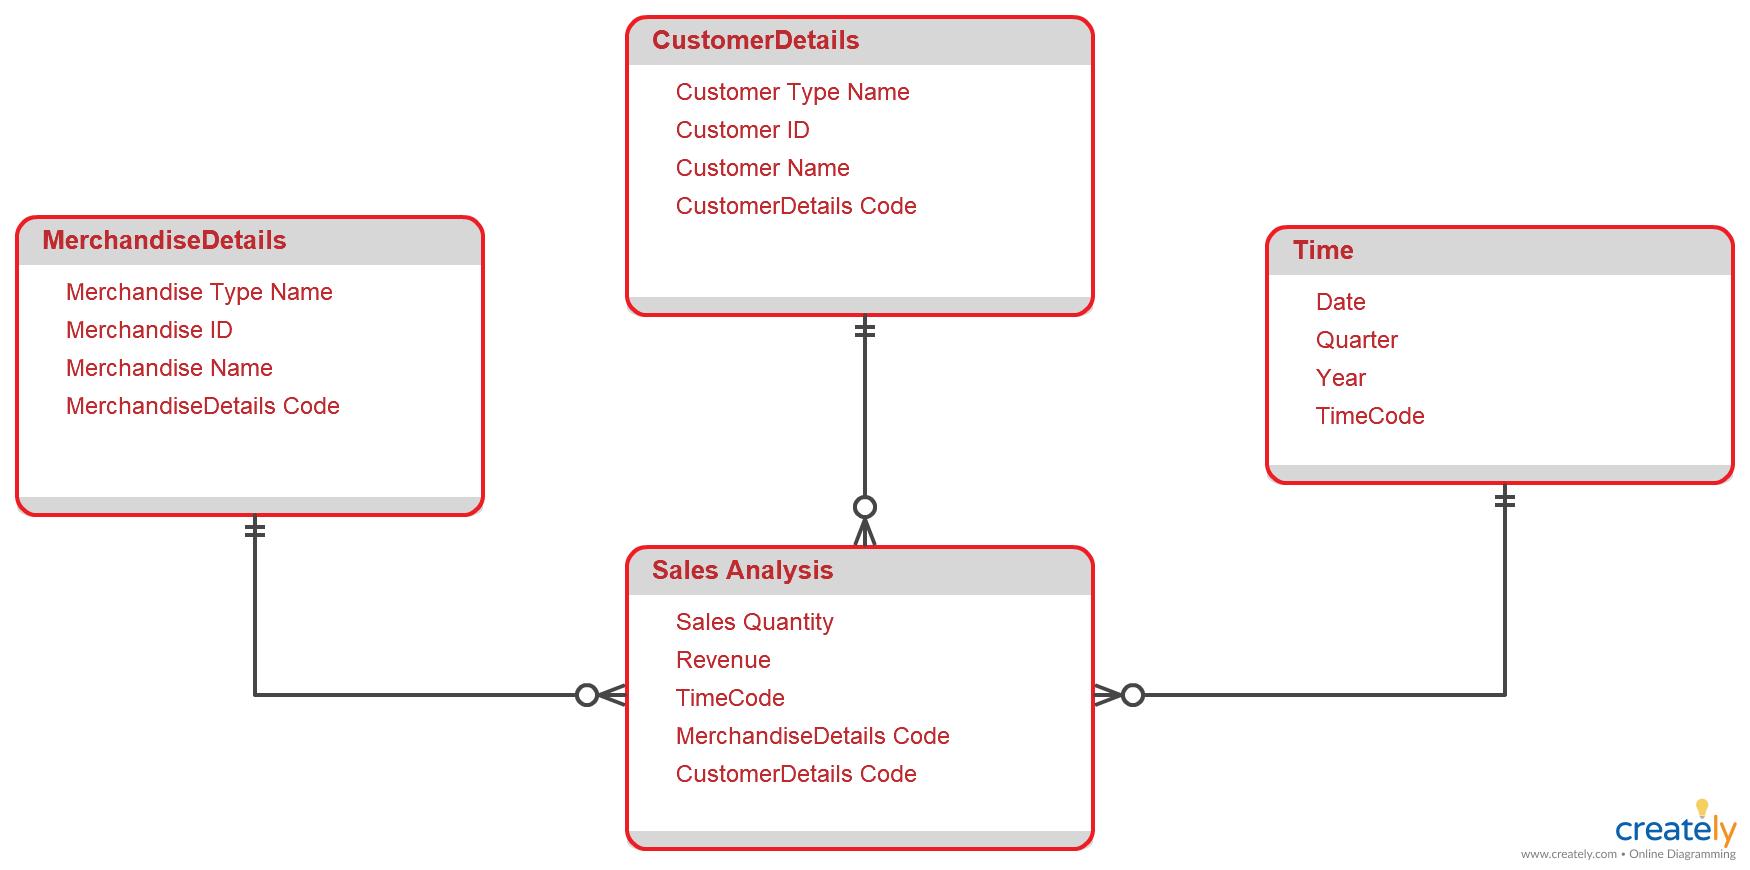 star schema diagram star schema diagram to organize data and er diagram star schema [ 1750 x 870 Pixel ]